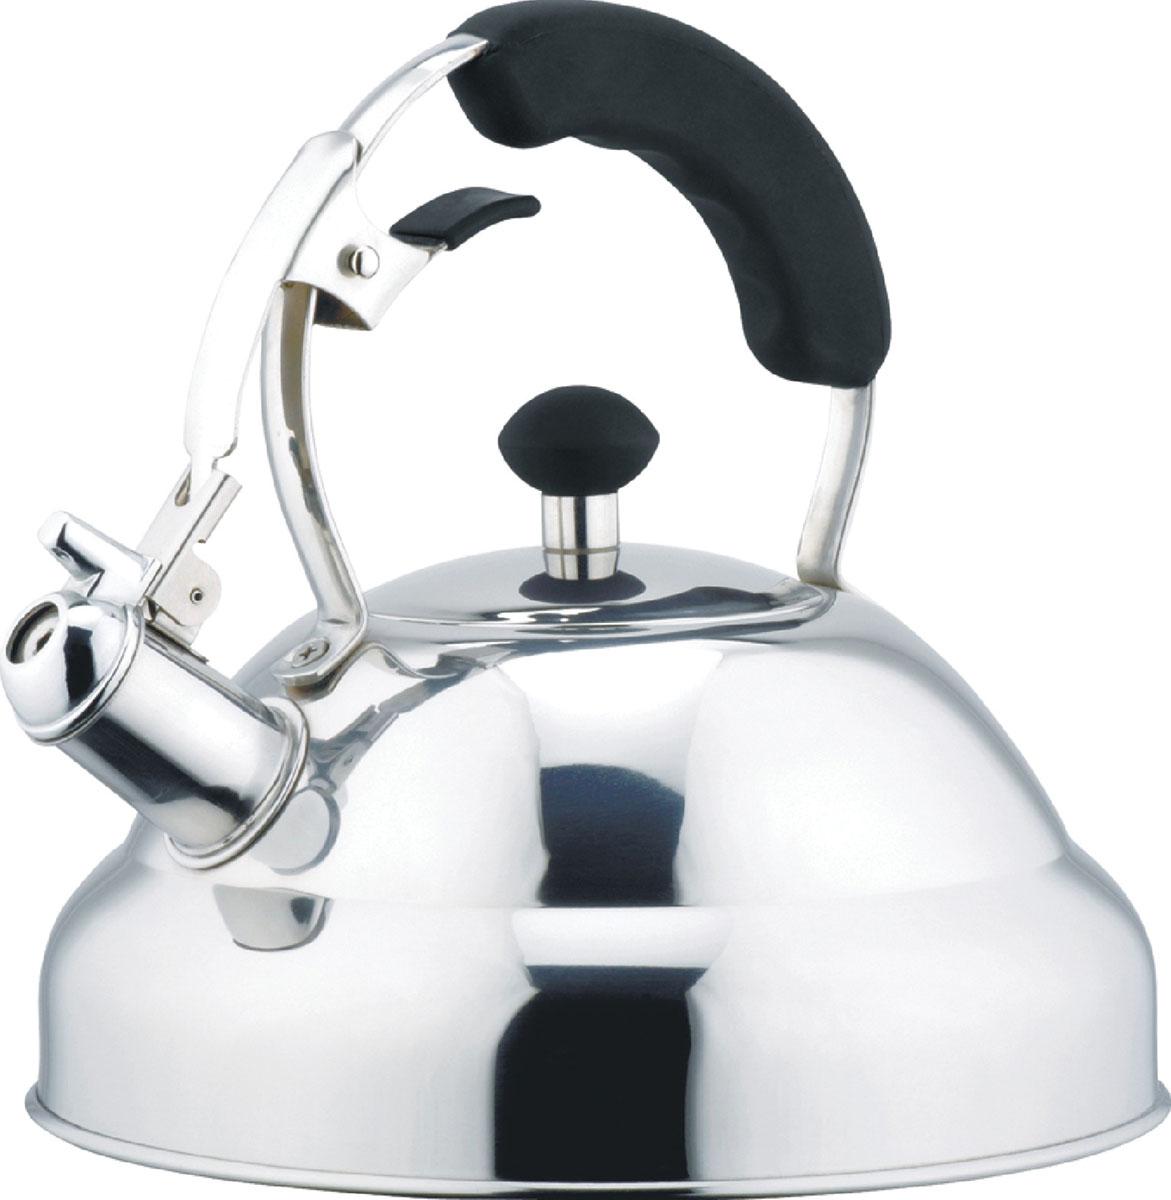 чайник bekker de luxe bk s576 Чайник металлический Bekker De Luxe, 2,6 л. BK-S402